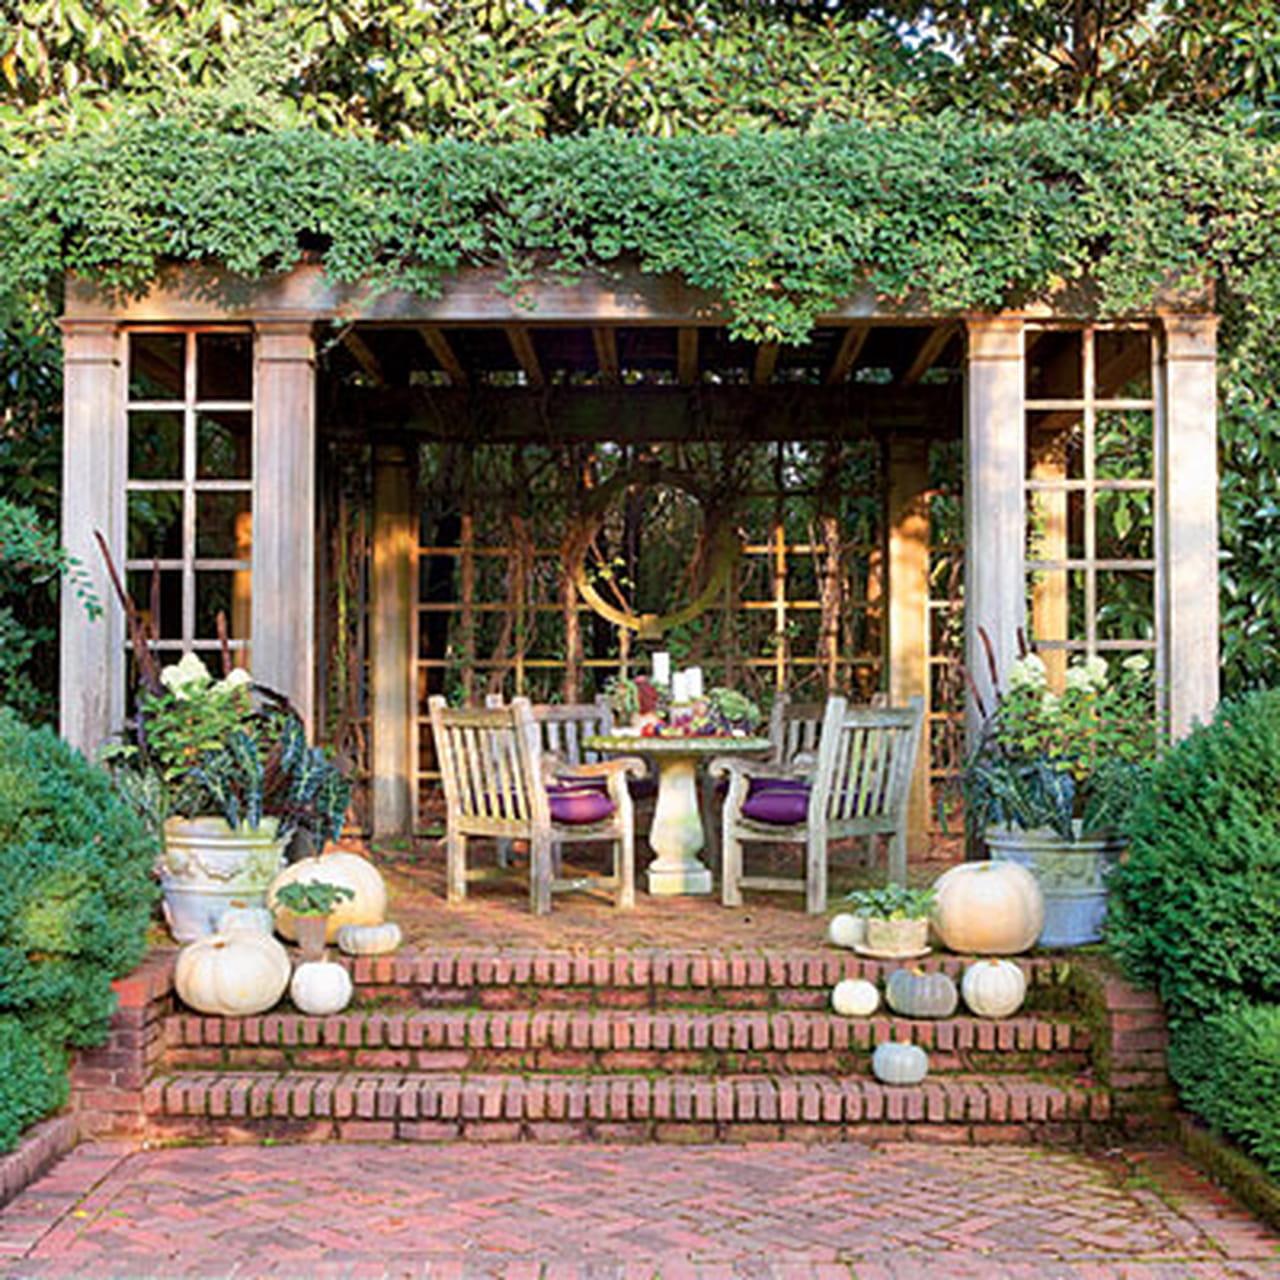 الحديقة المنزلية الصغيرة صور: أفكار مبدعة لديكور التراس هذا الشتاء